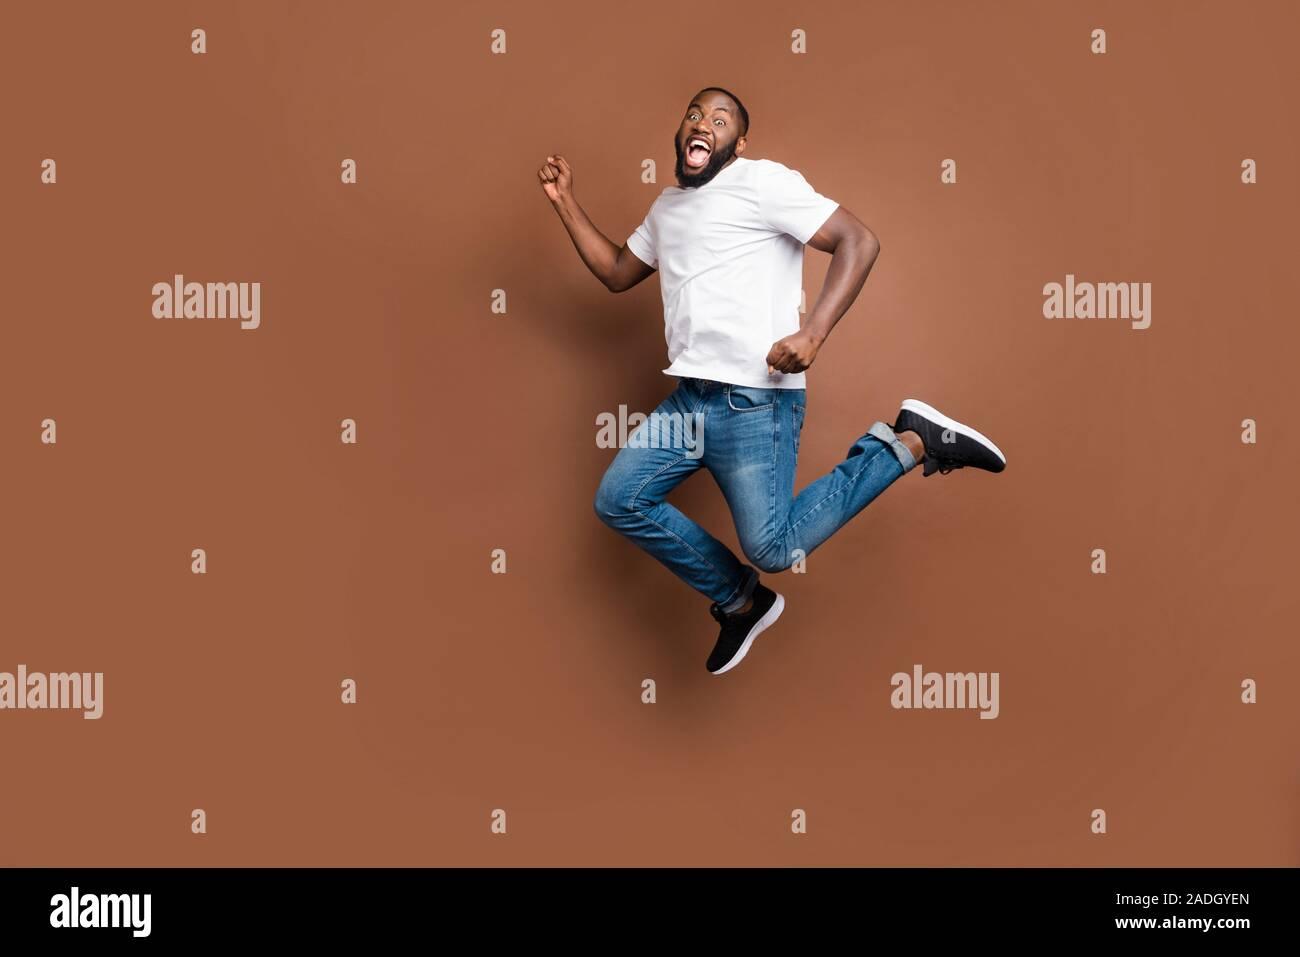 La taille du corps sur toute la longueur de course saut photo urgent crier guy qui aspirent à terminer à la poursuite de ses buts portant des jeans denim blanc T-shirt isolated Banque D'Images